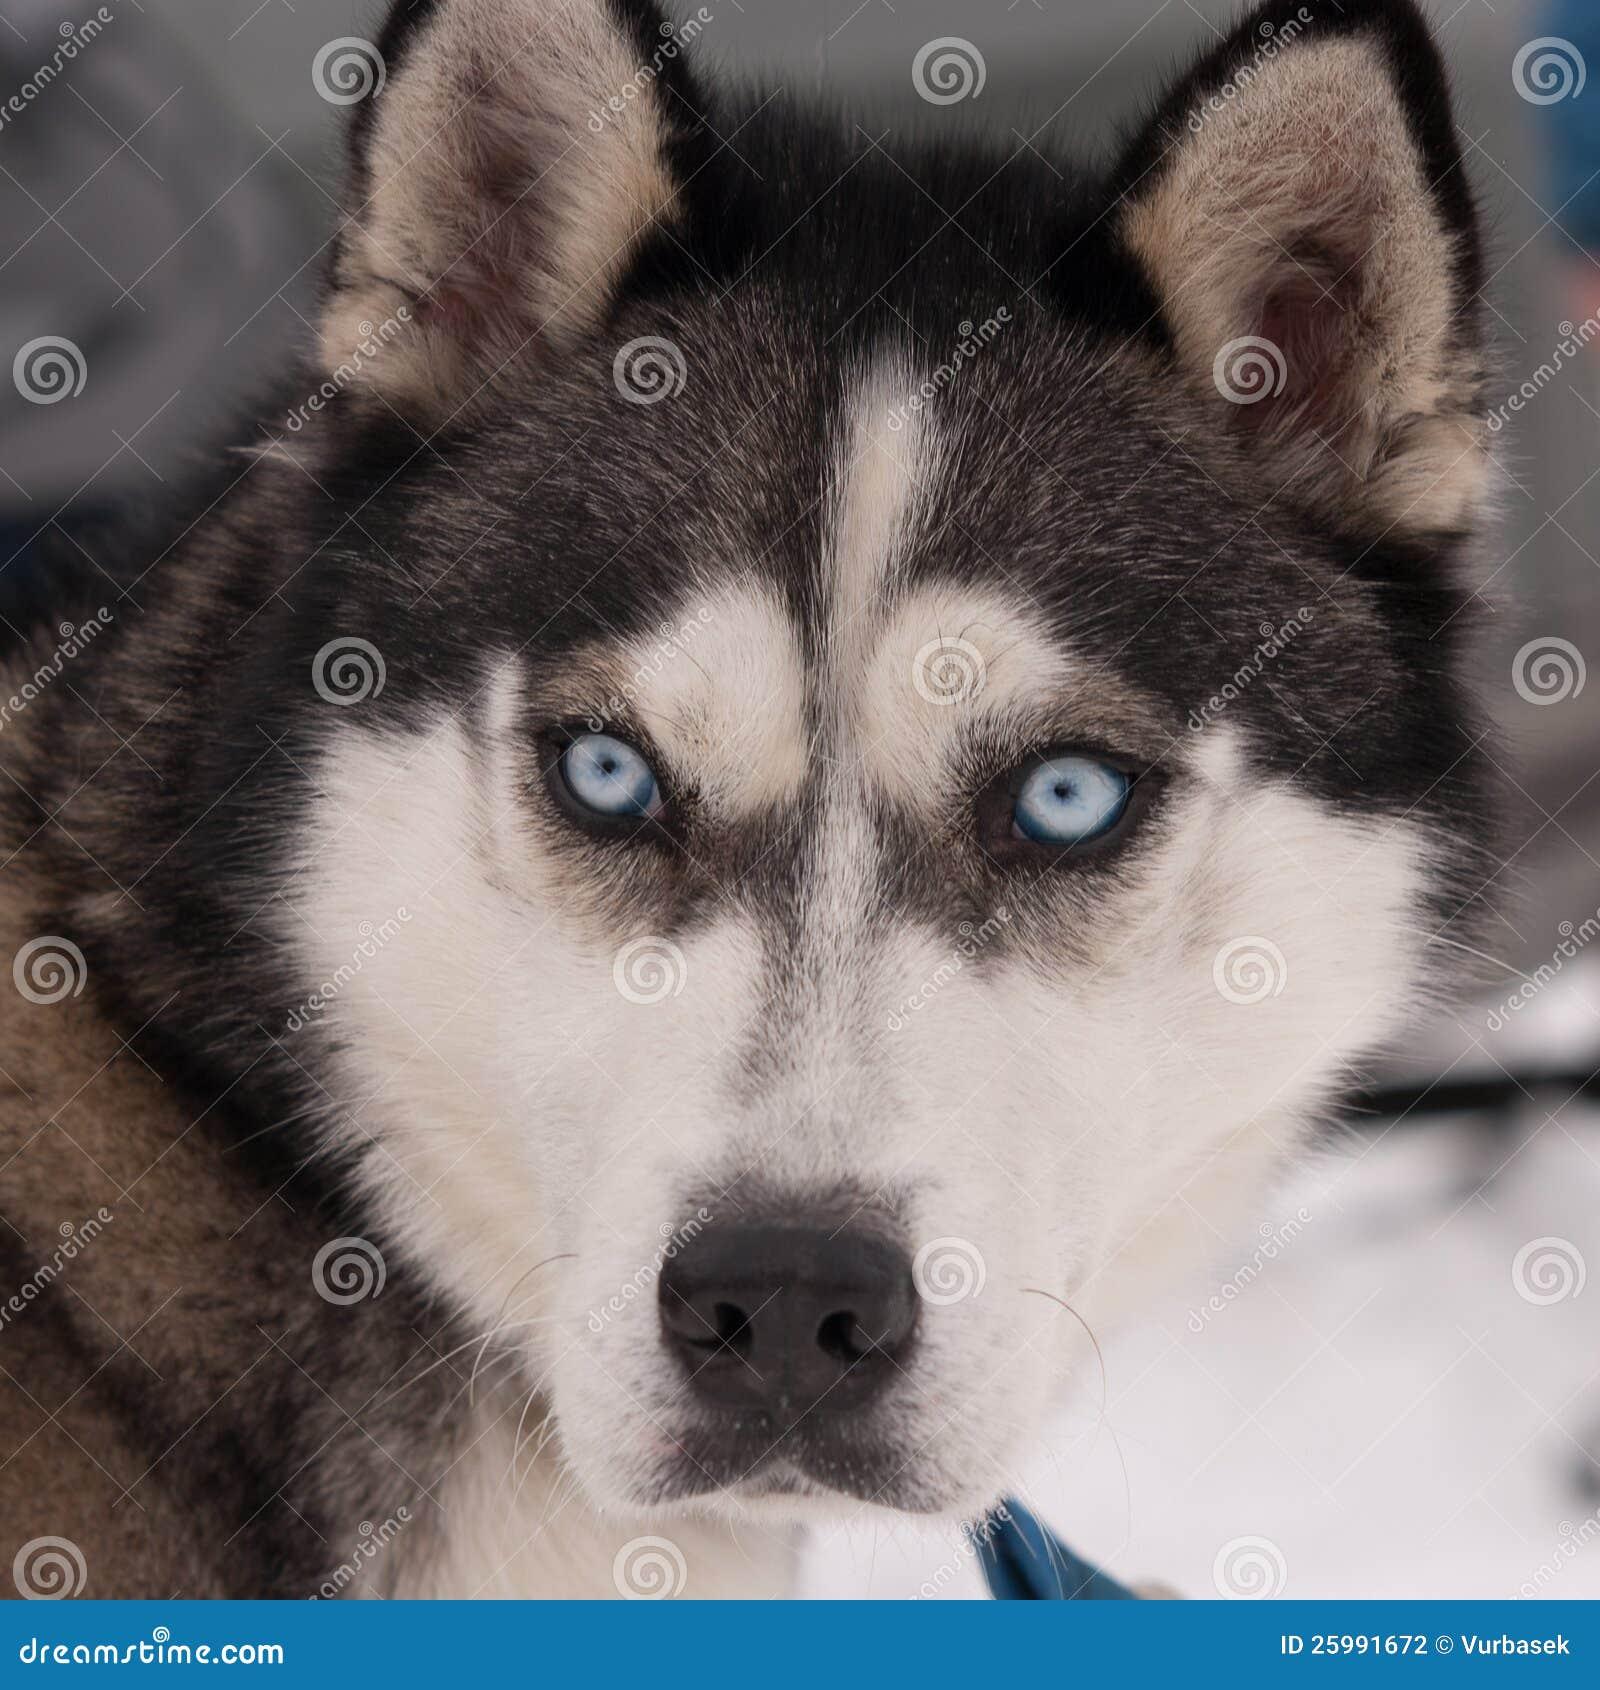 Blue Eyed Siberian Husky Portrait Stock Photo - Image ...